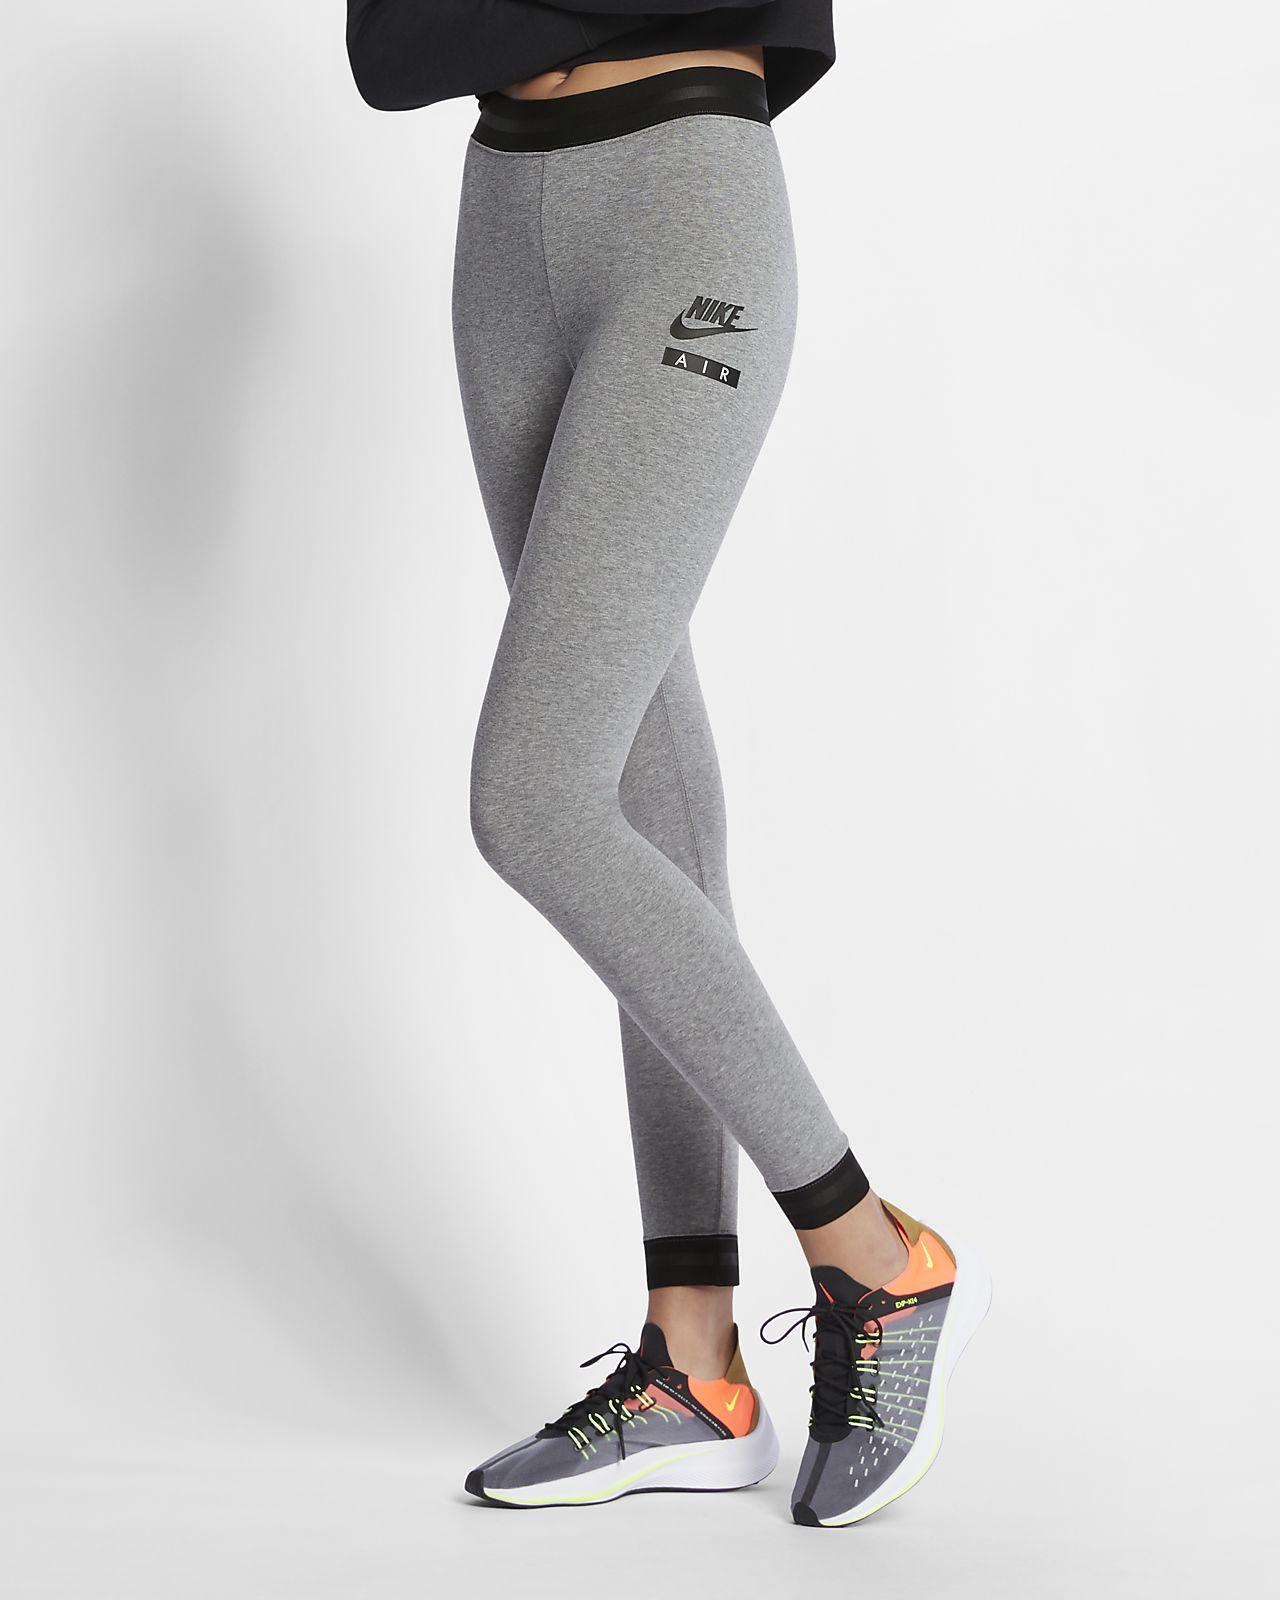 nike leggings mädchen, Herren Nike Schweiz Charcoal Heather